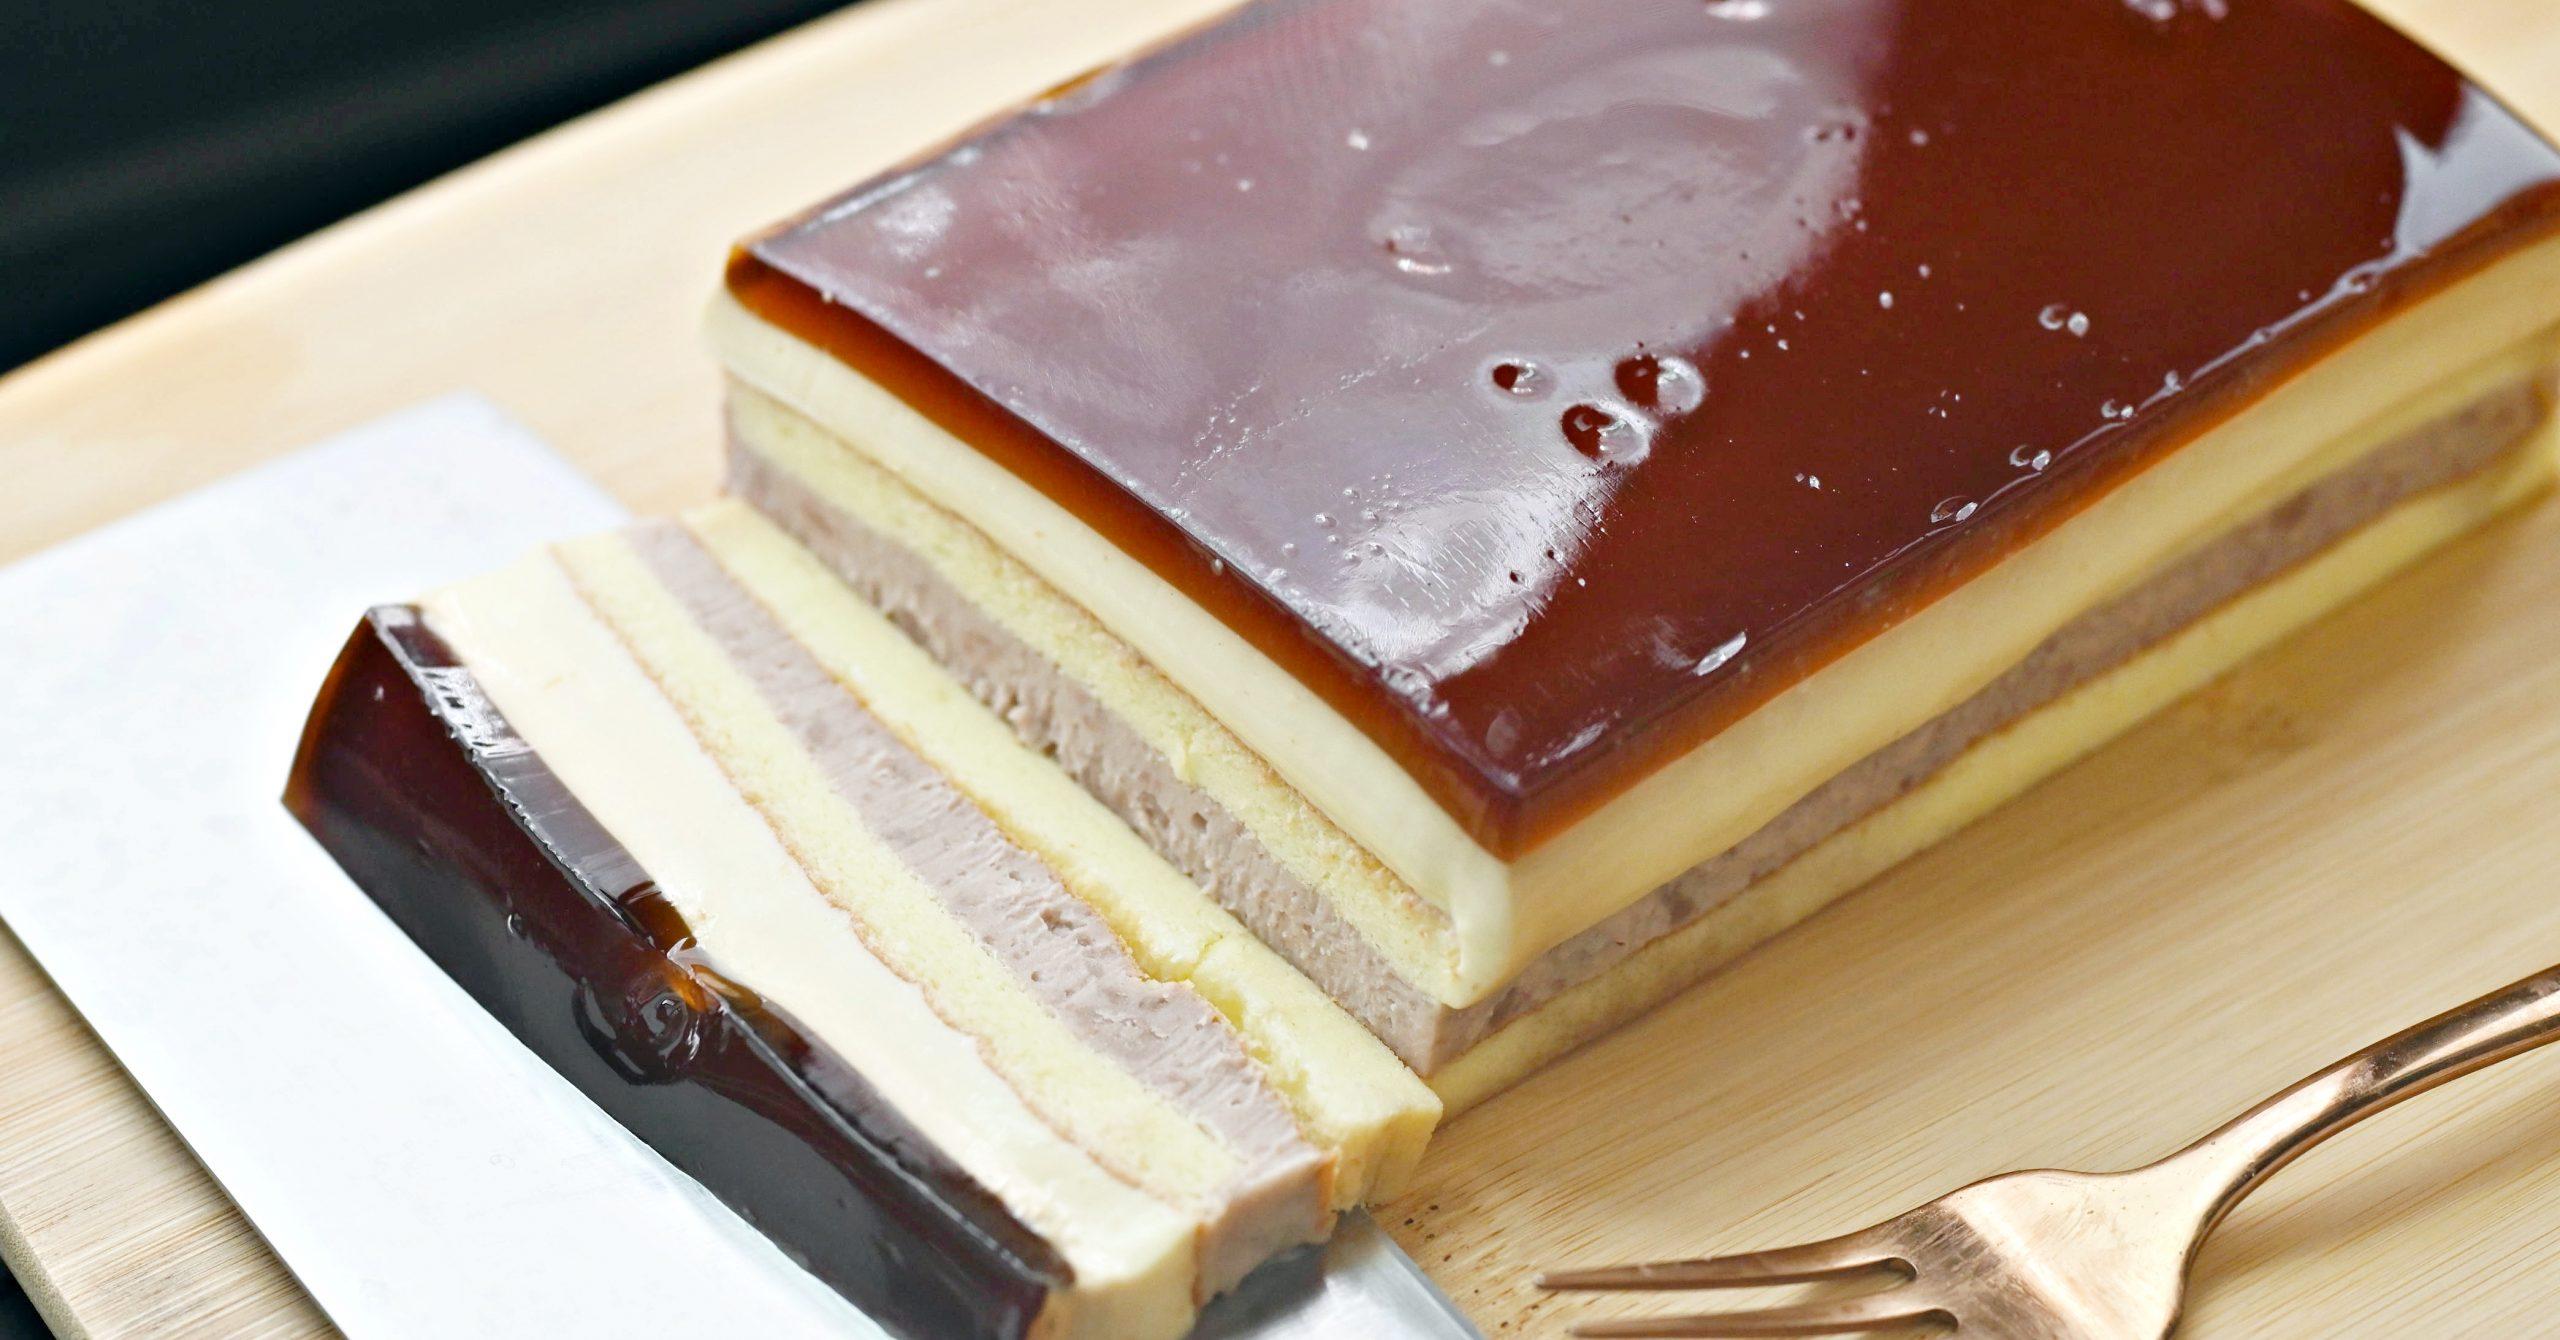 花蓮美食,花蓮美食弘宇蛋糕,水晶奶酪,弘宇蛋糕推薦 @Nash,神之領域